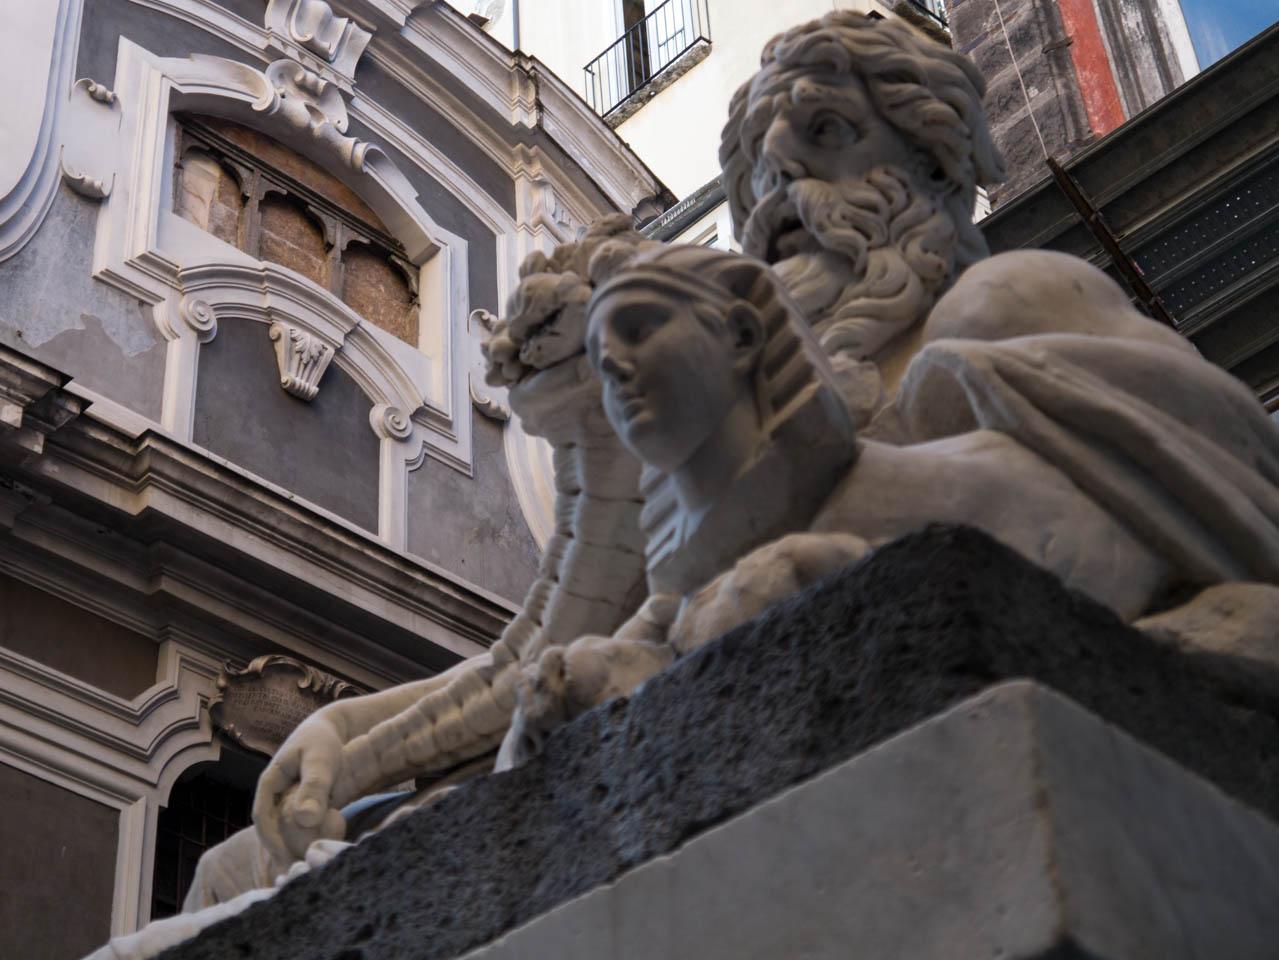 Napolitanische Statue (1 von 1)